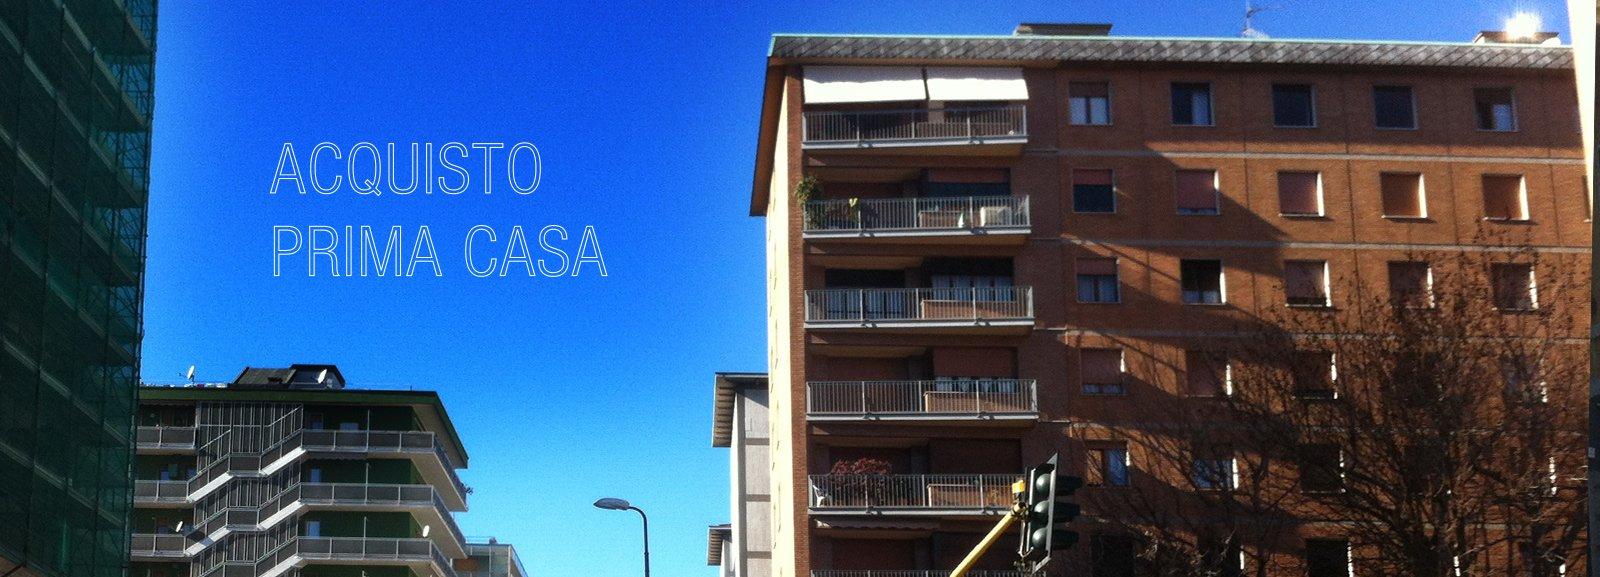 Agevolazione acquisto prima casa le novit 2014 cose - Onorari notarili acquisto prima casa ...